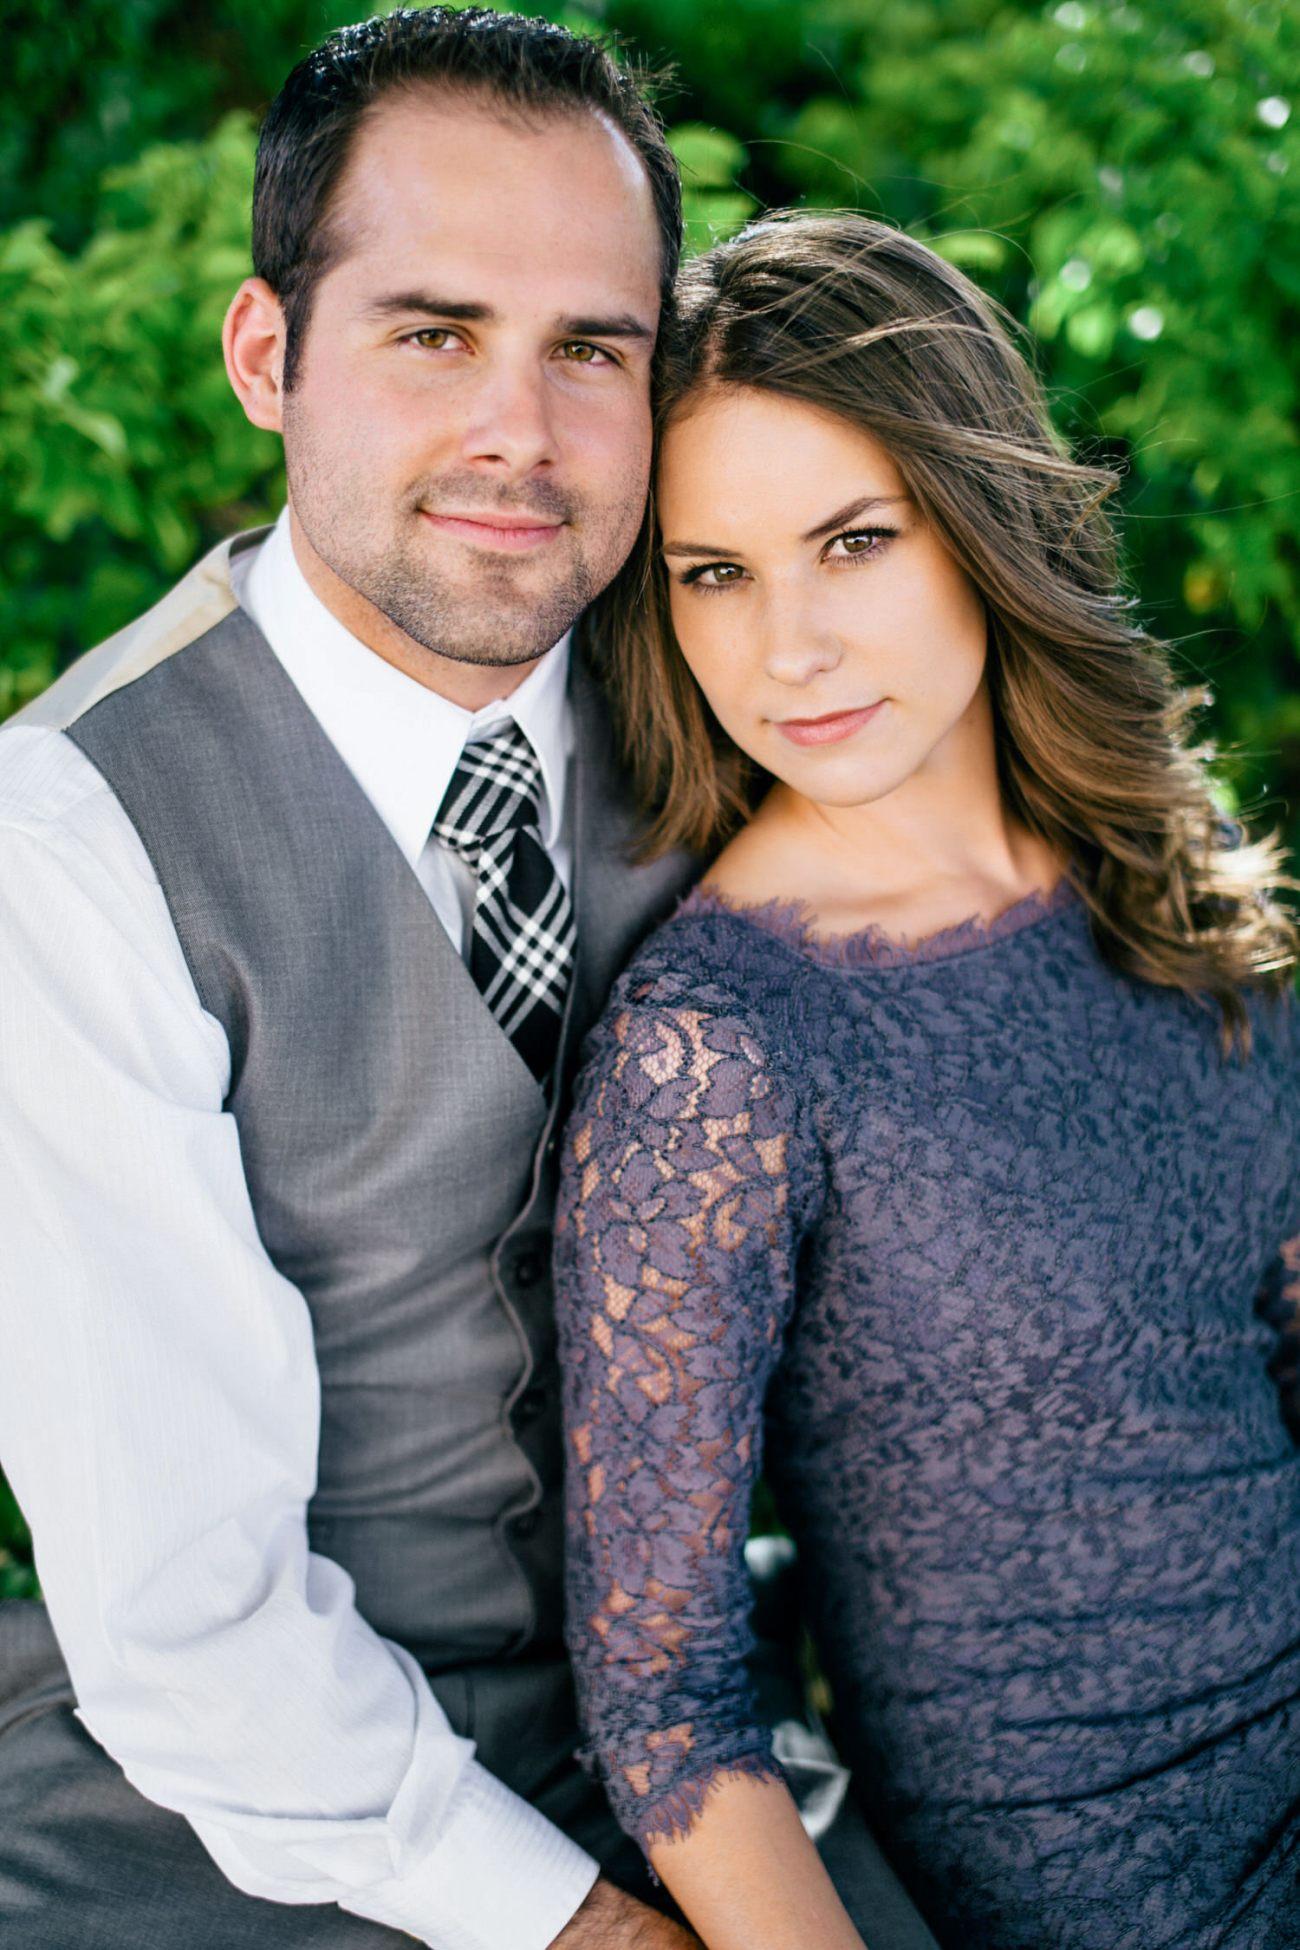 stylish engagement couple